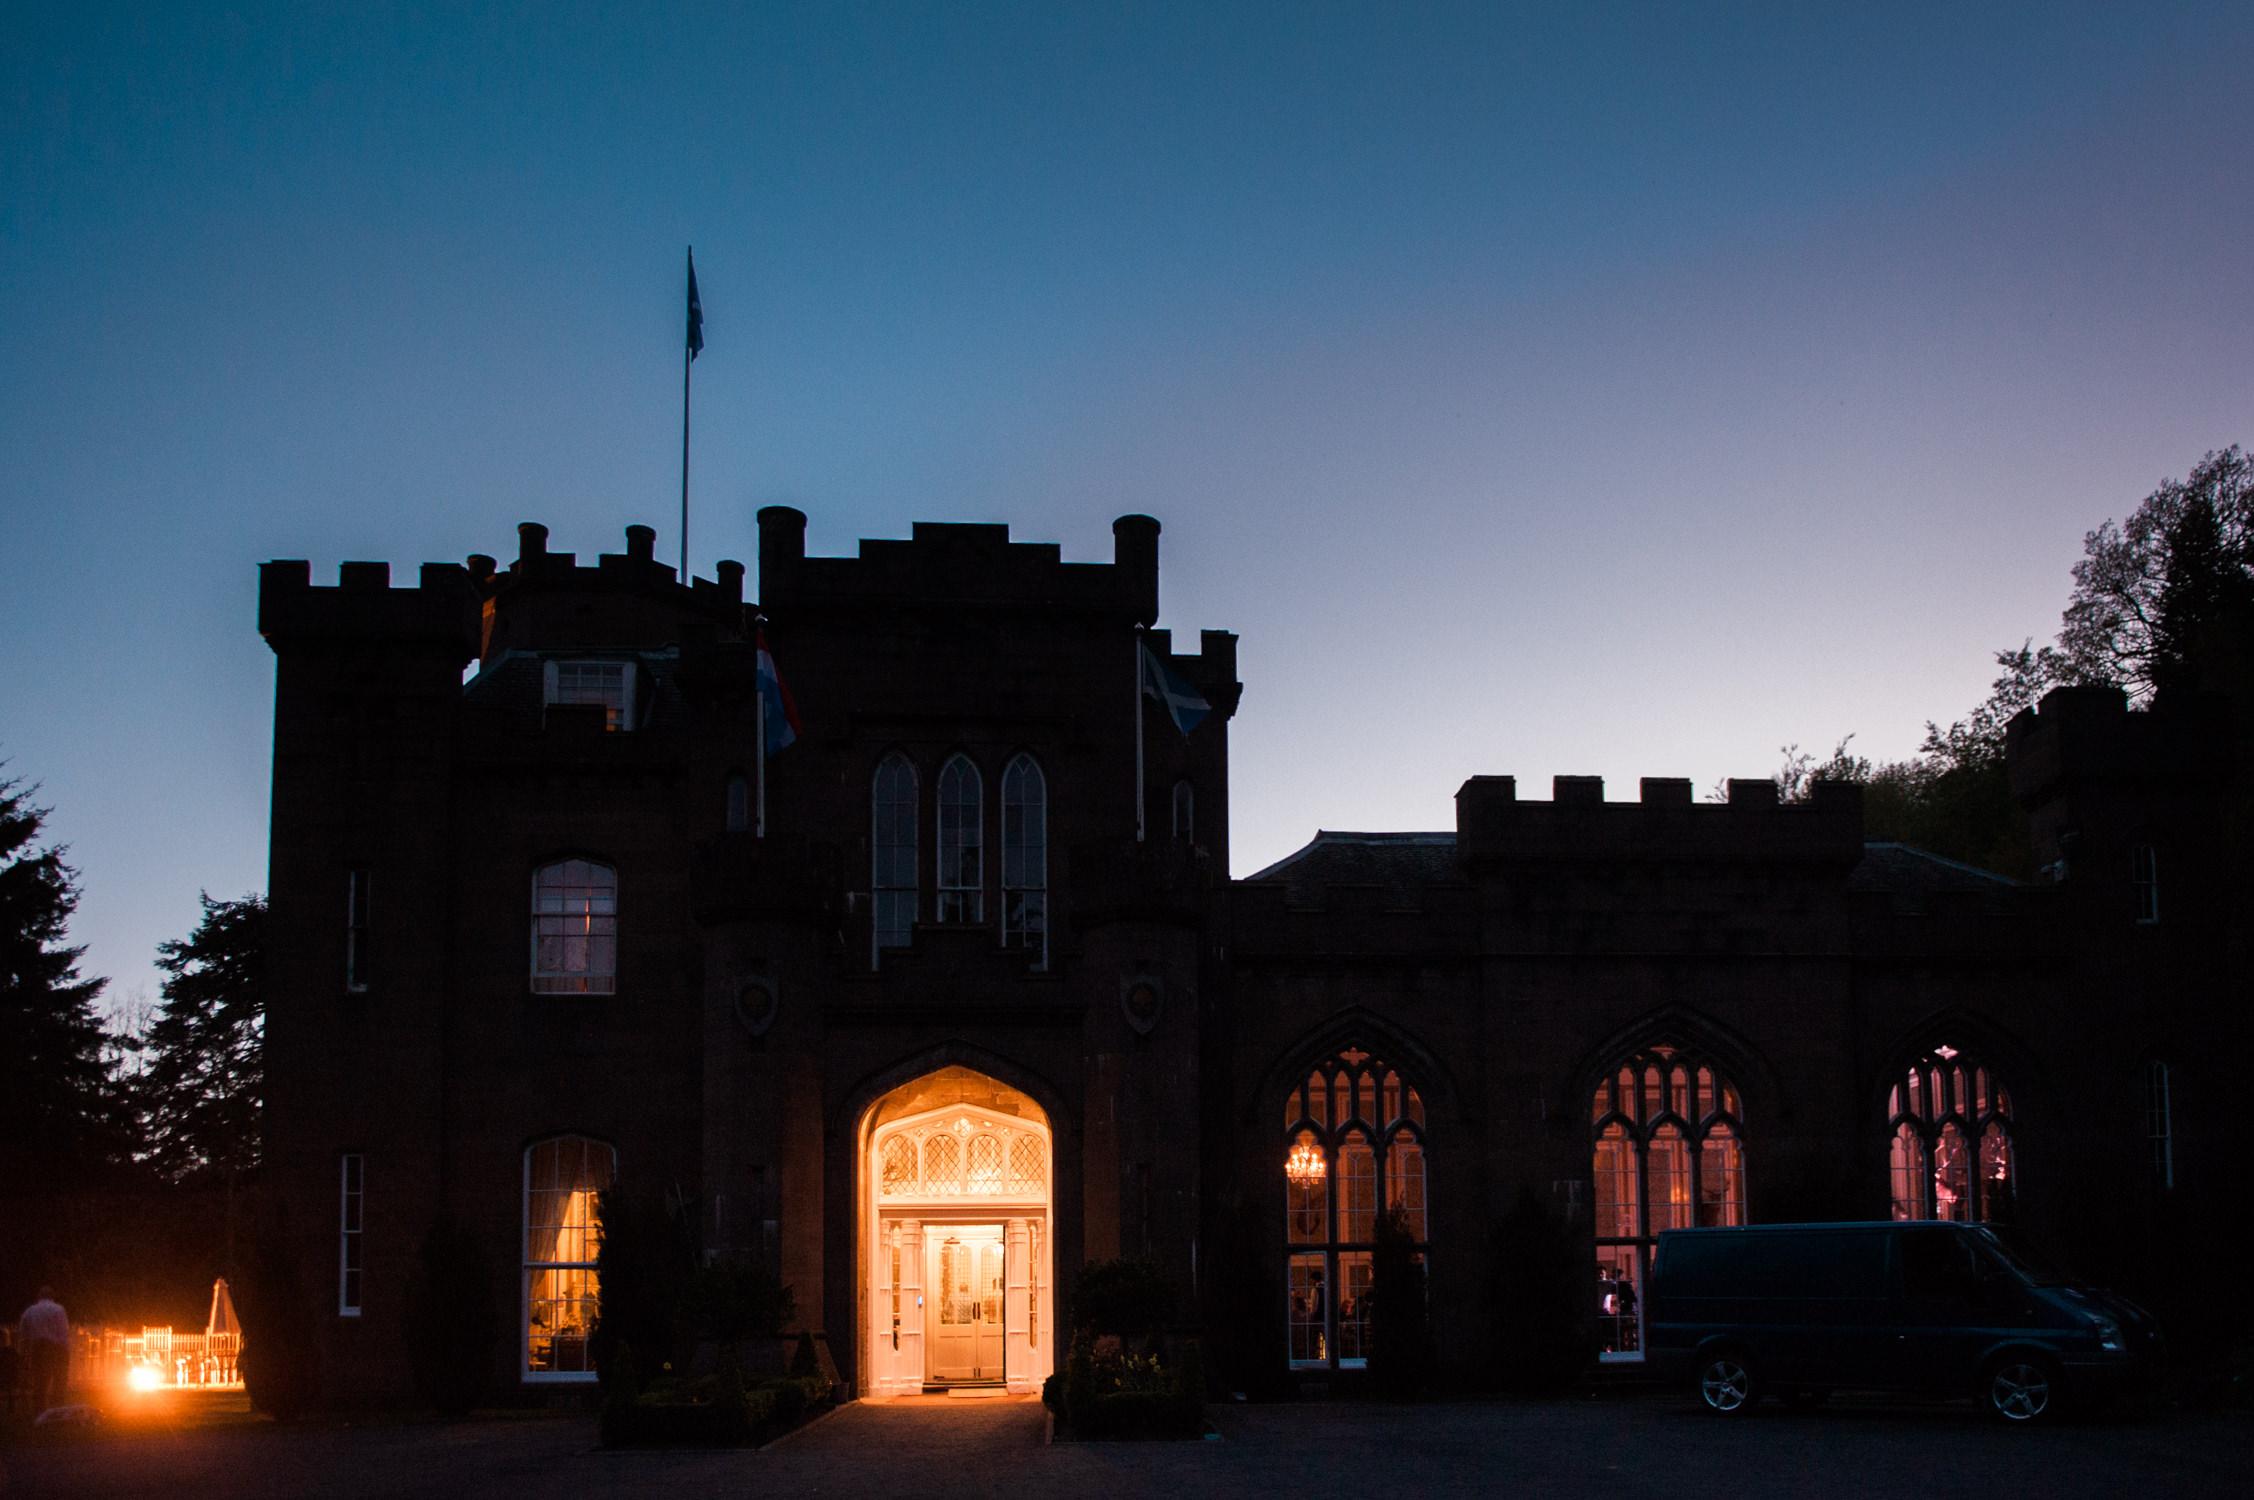 Trouwweekend in Drumtochty Castle – Wit Photography